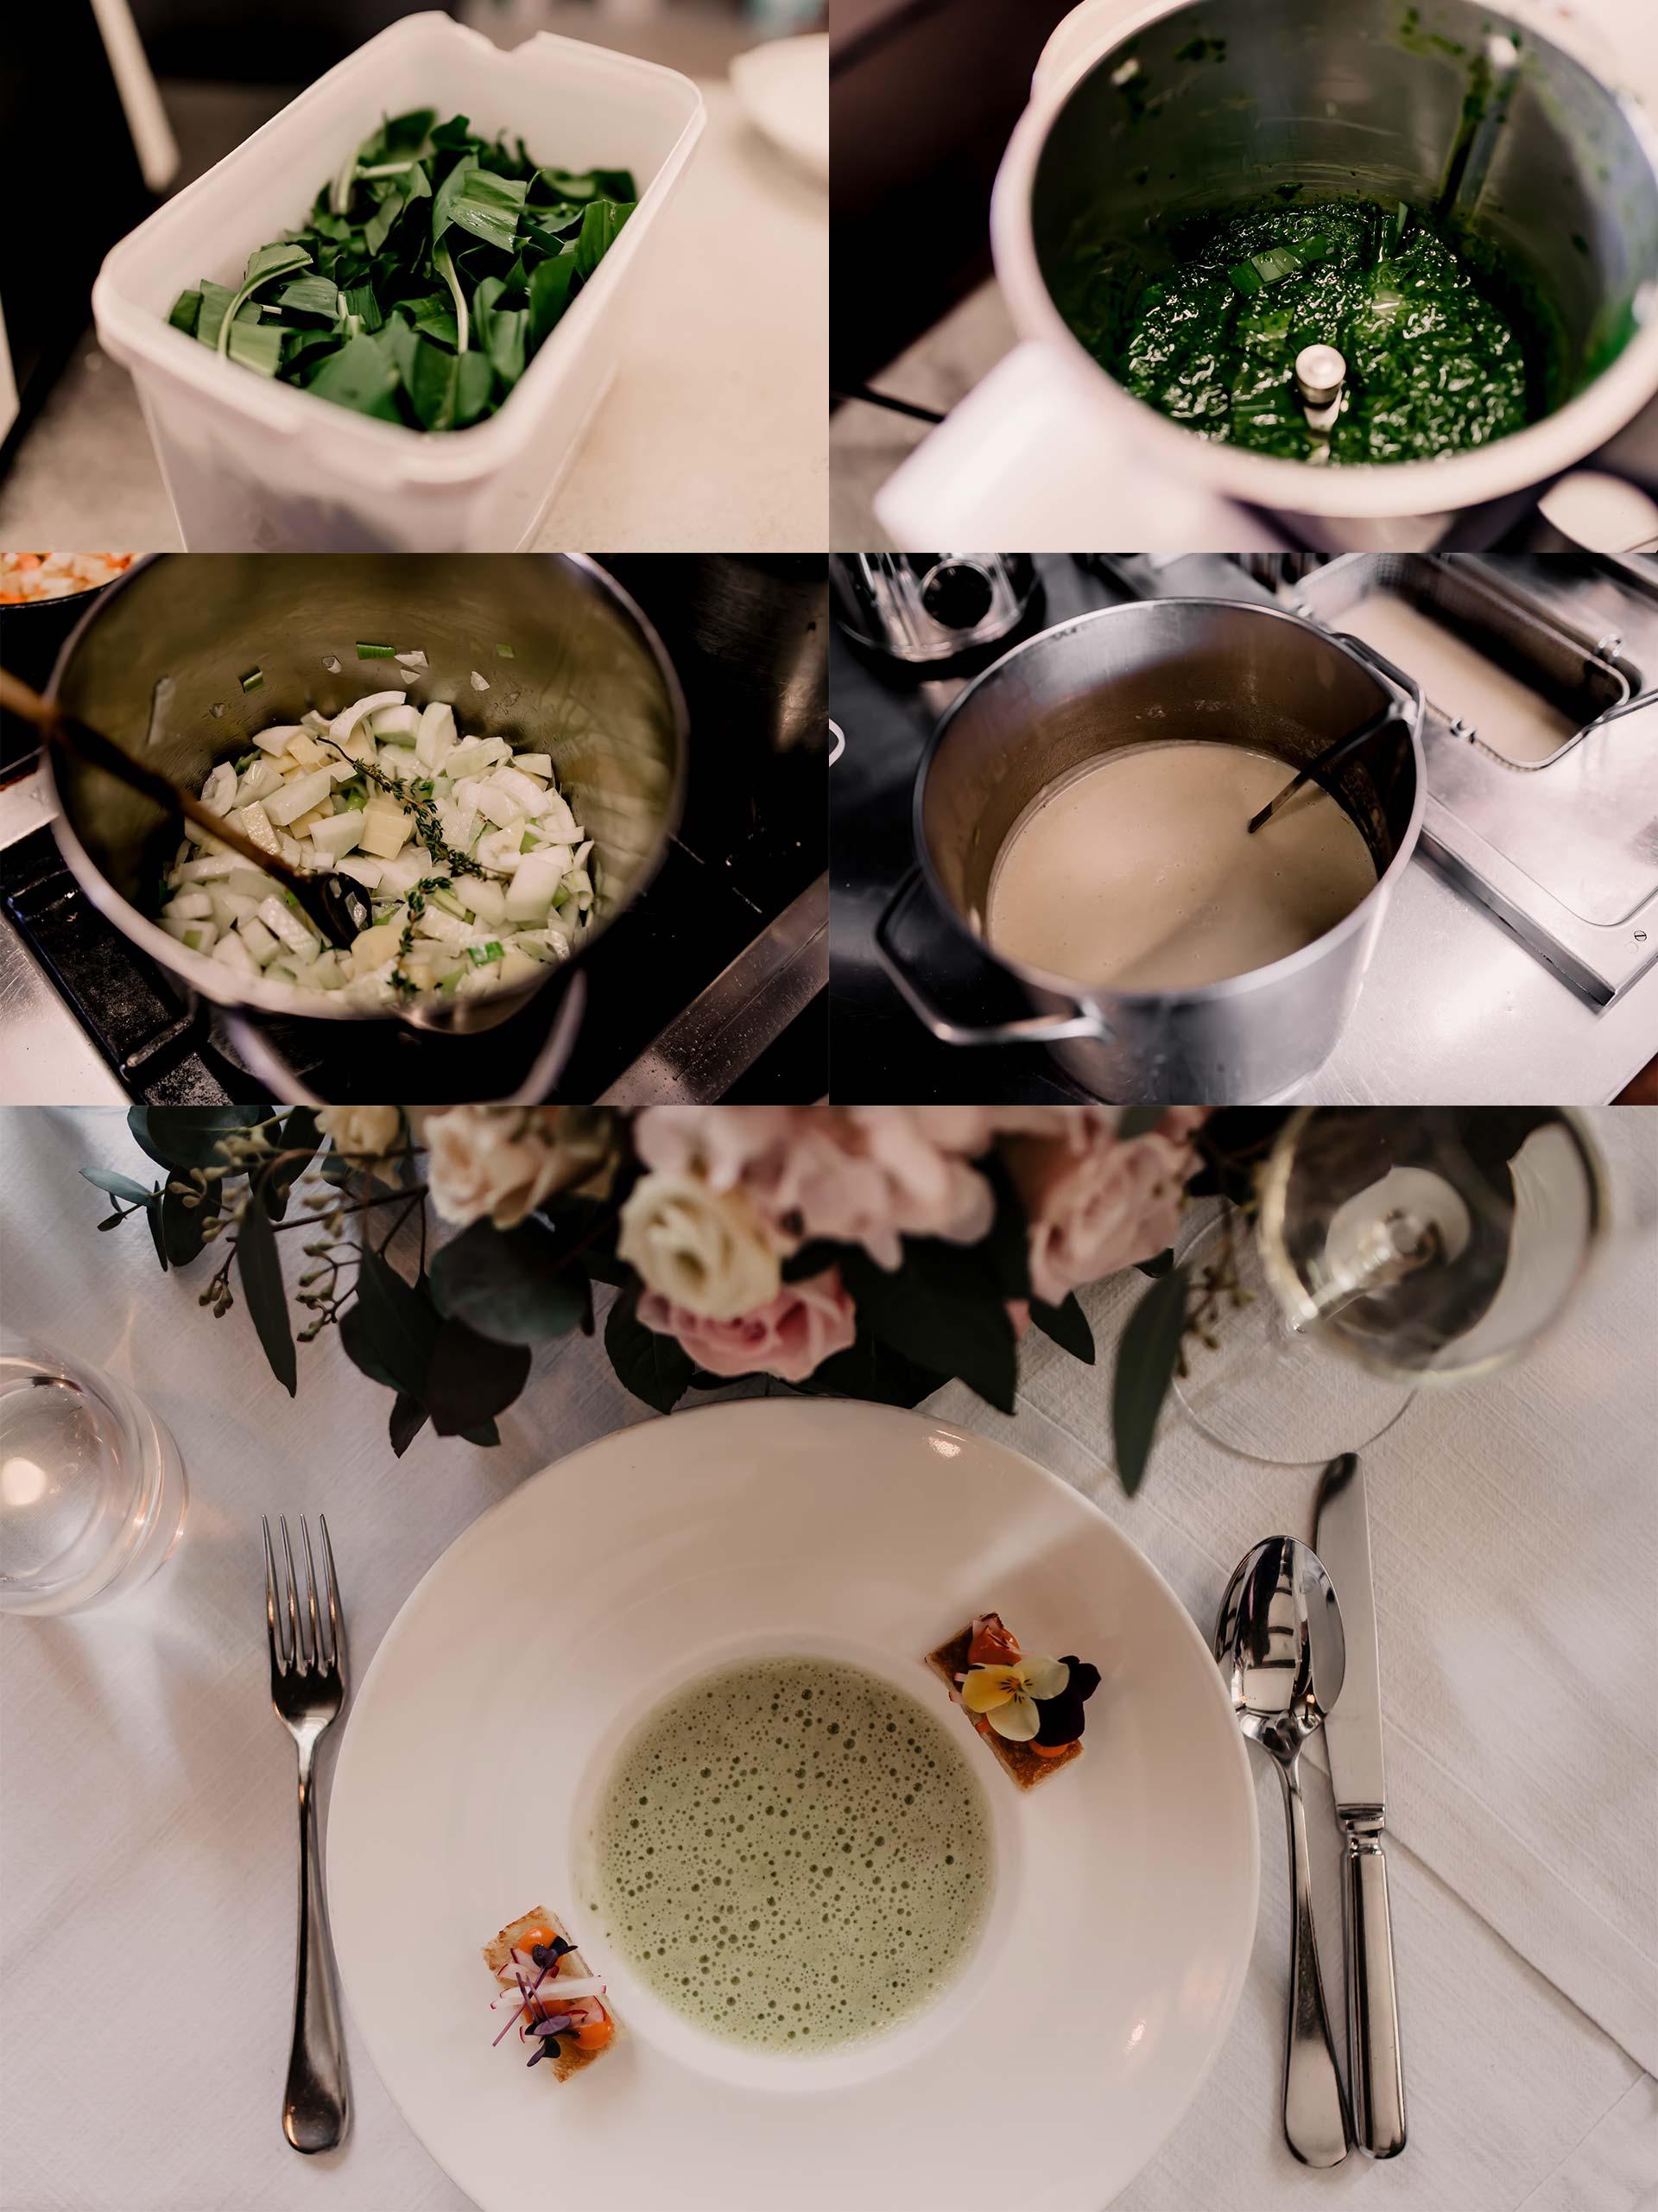 Anzeige. 3-Gänge-Frühlingsmenü mit Bärlauchschaumsuppe,Bärlauchtascherl, Bärlauchpesto, Kartoffelteig herstellen, gesundesFrühlingsmenü,was soll ich morgen kochen,Rezepte mit Bärlauch,Bärlauchsuppe,Kochen mit Hofer, Foodblogger, www.whoismocca.com #bärlauch #frühlingsmenü #kochenmithofer #rezept #vegetarisch #bärlauchschaumsuppe #bärlauchpesto